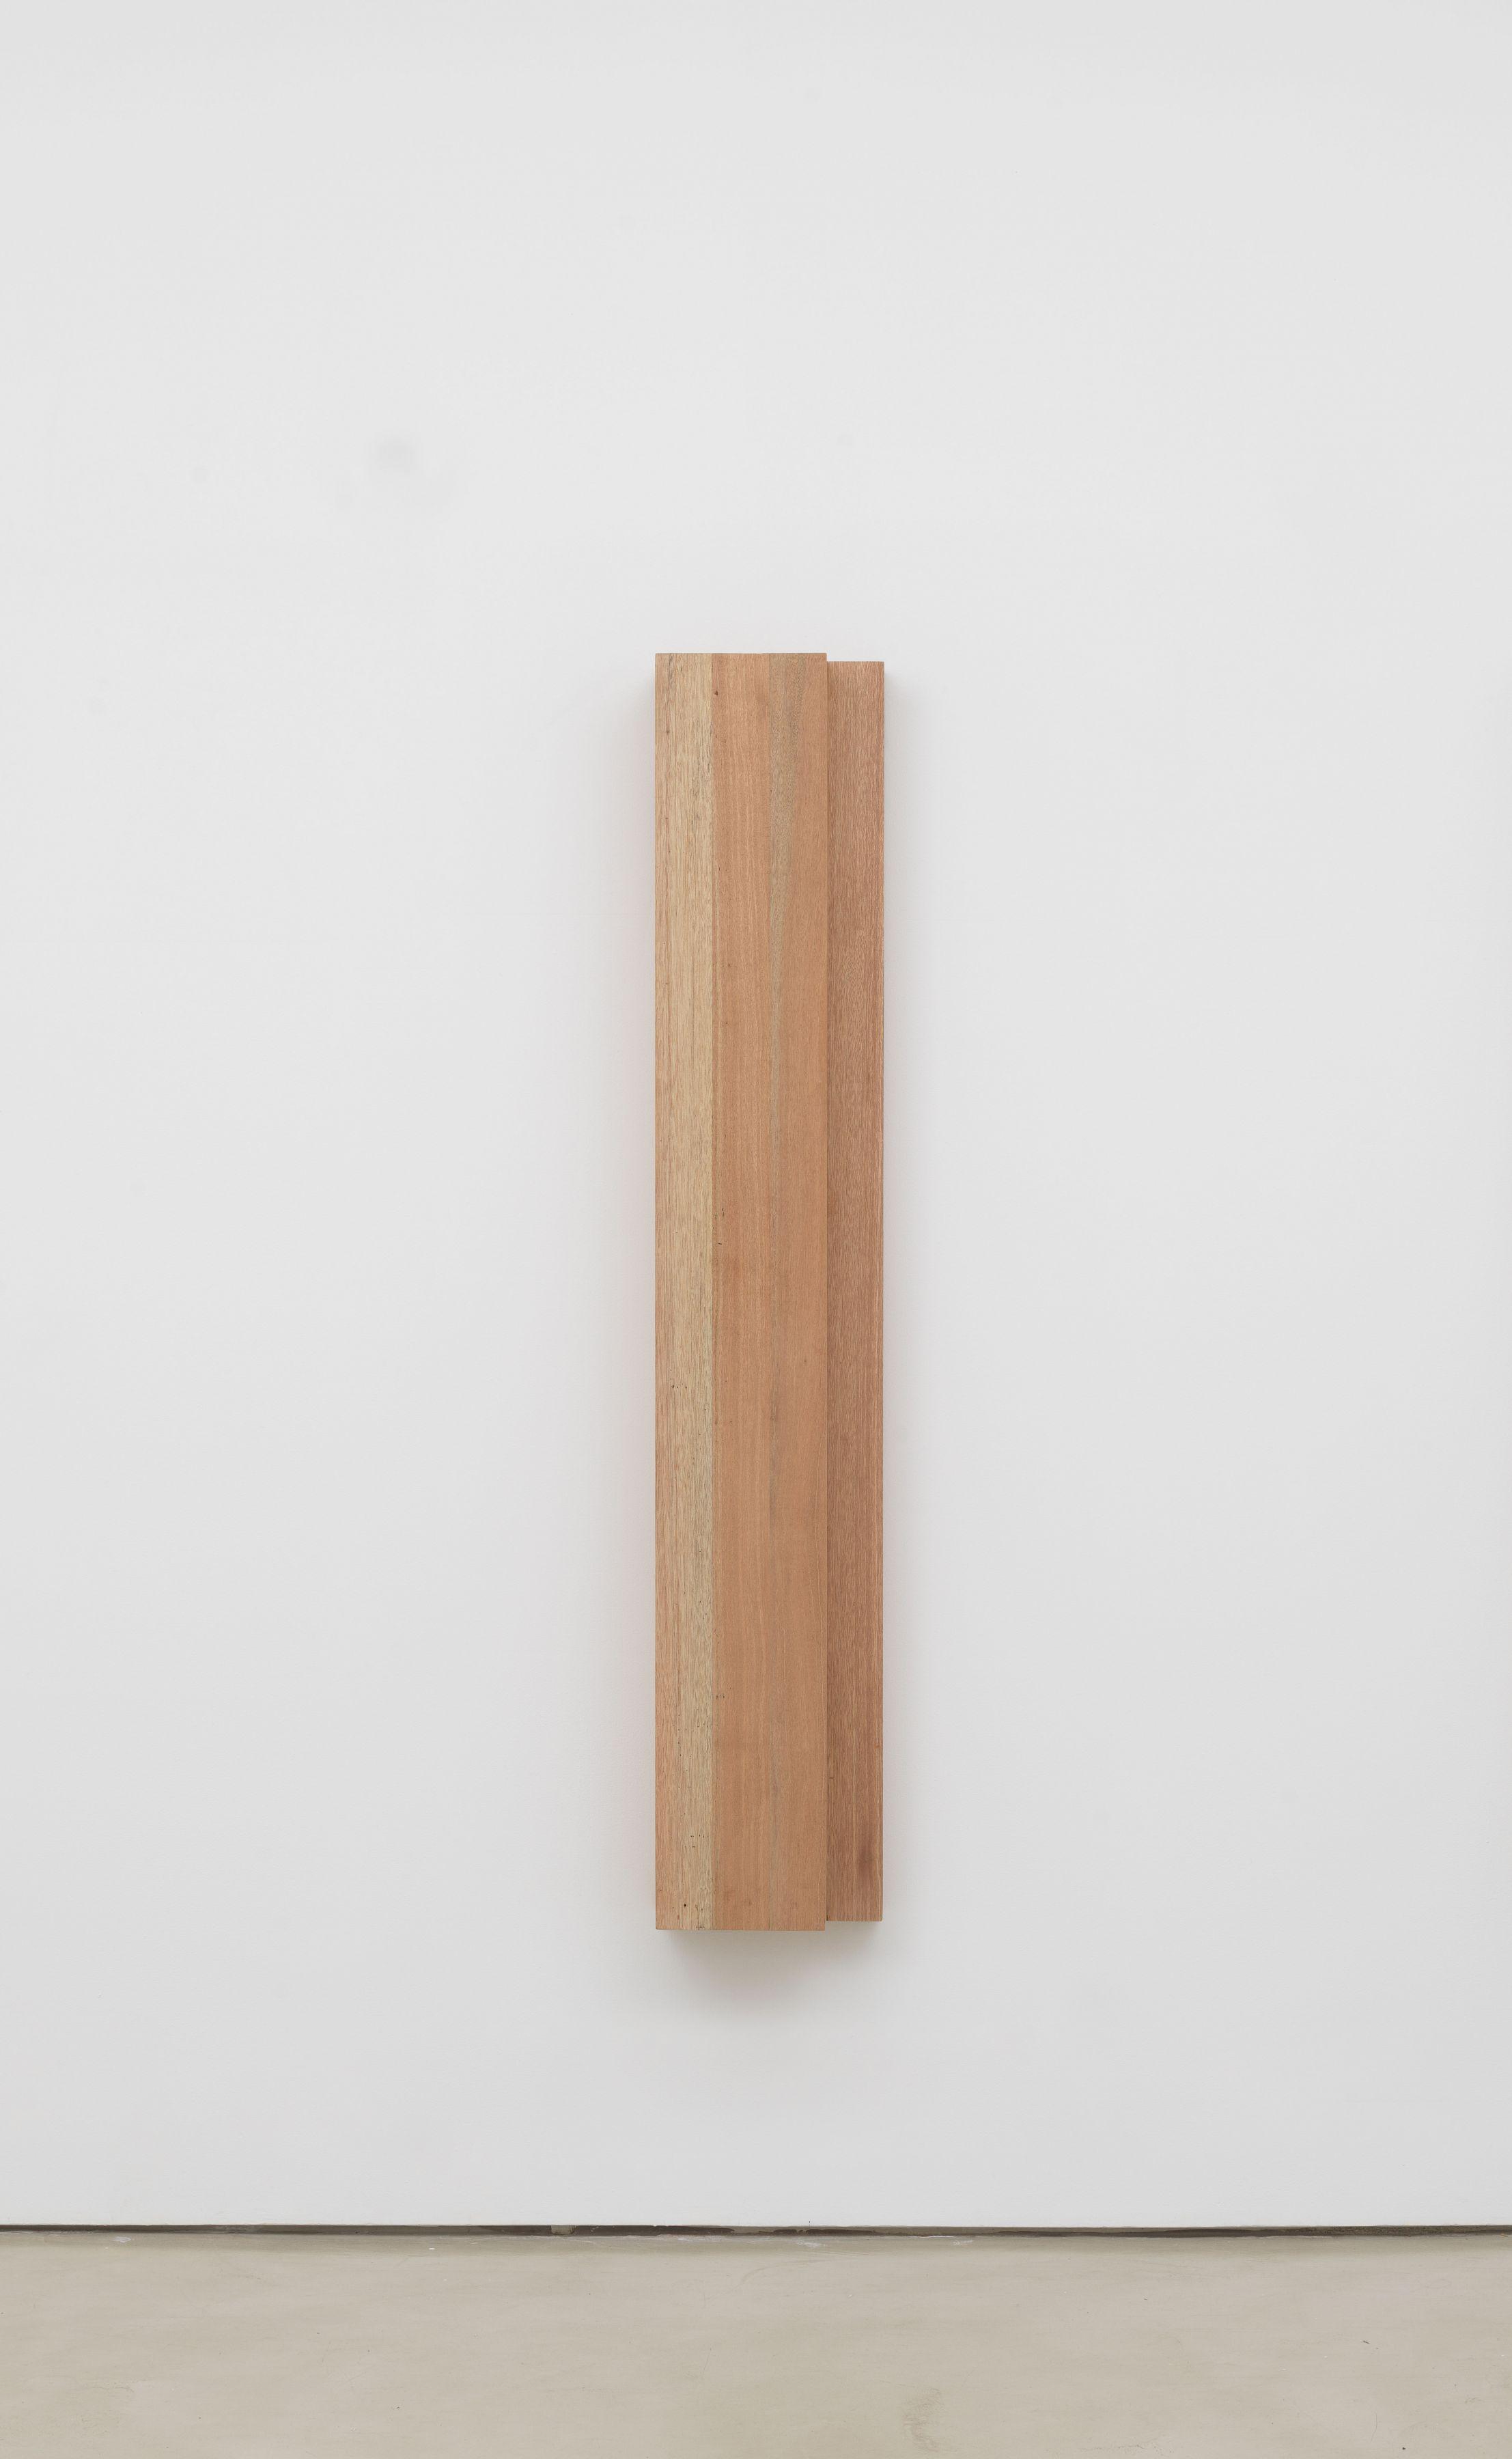 Wood, 2016, Wood